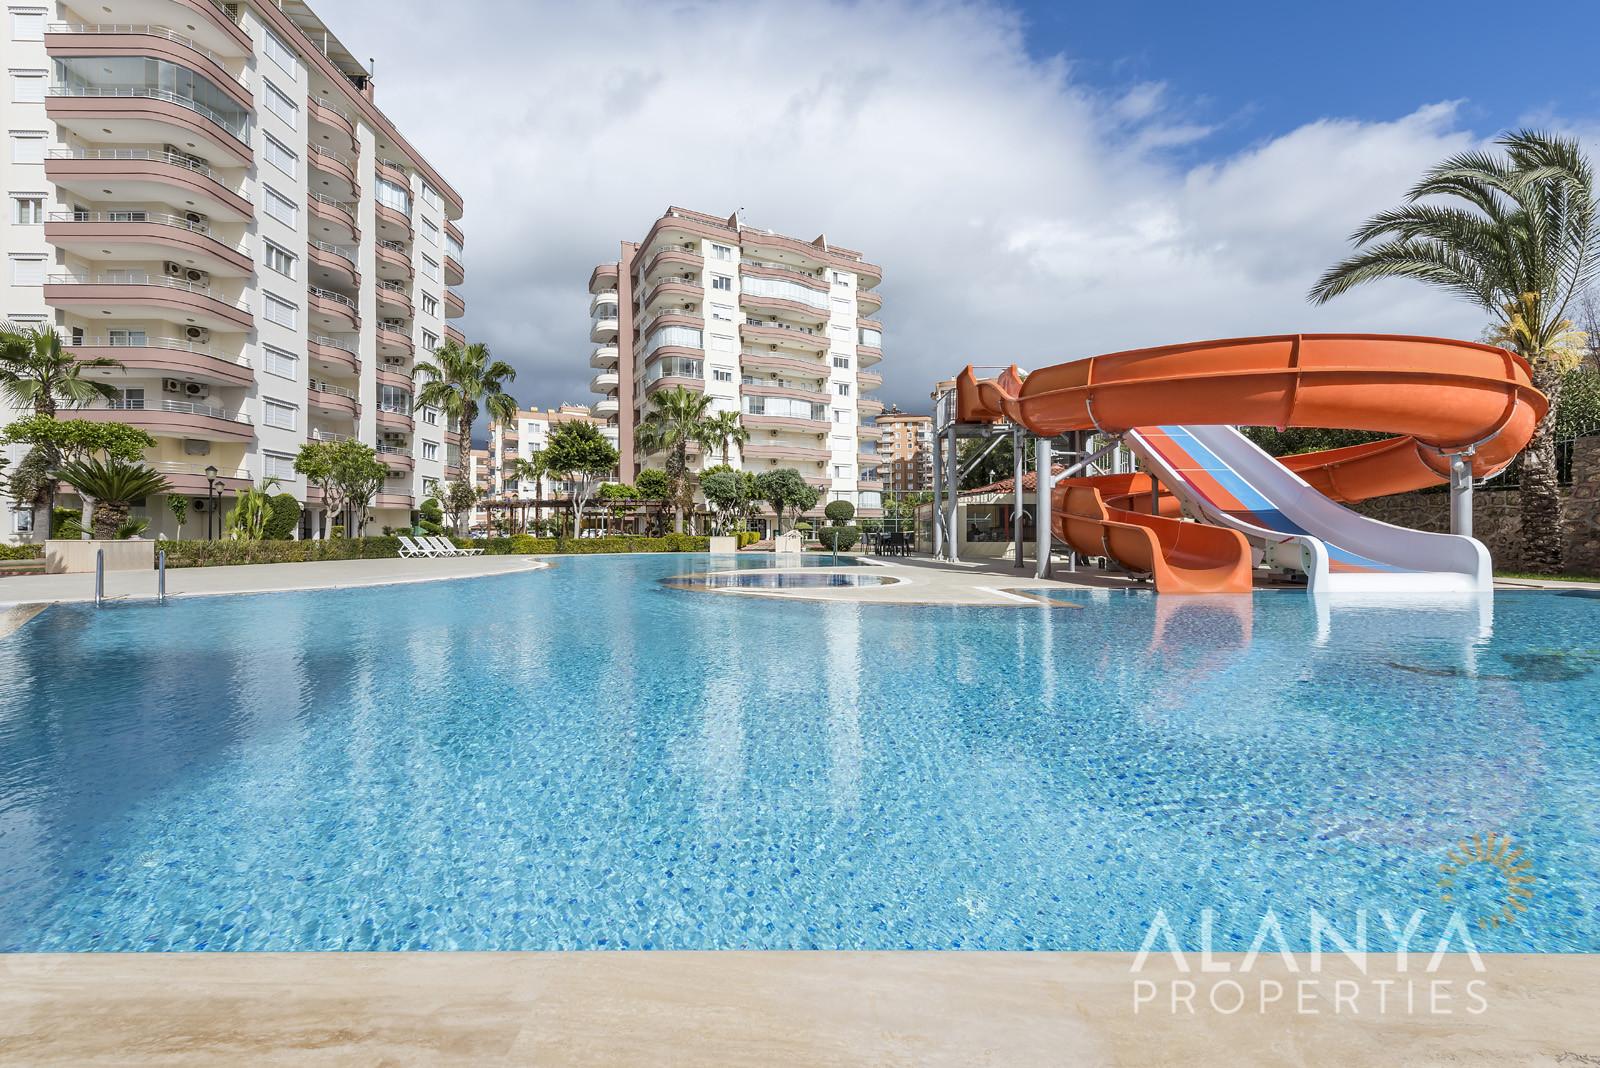 Prachtig ingericht duplex penthouse appartement met zeezicht in Tosmur, Alanya